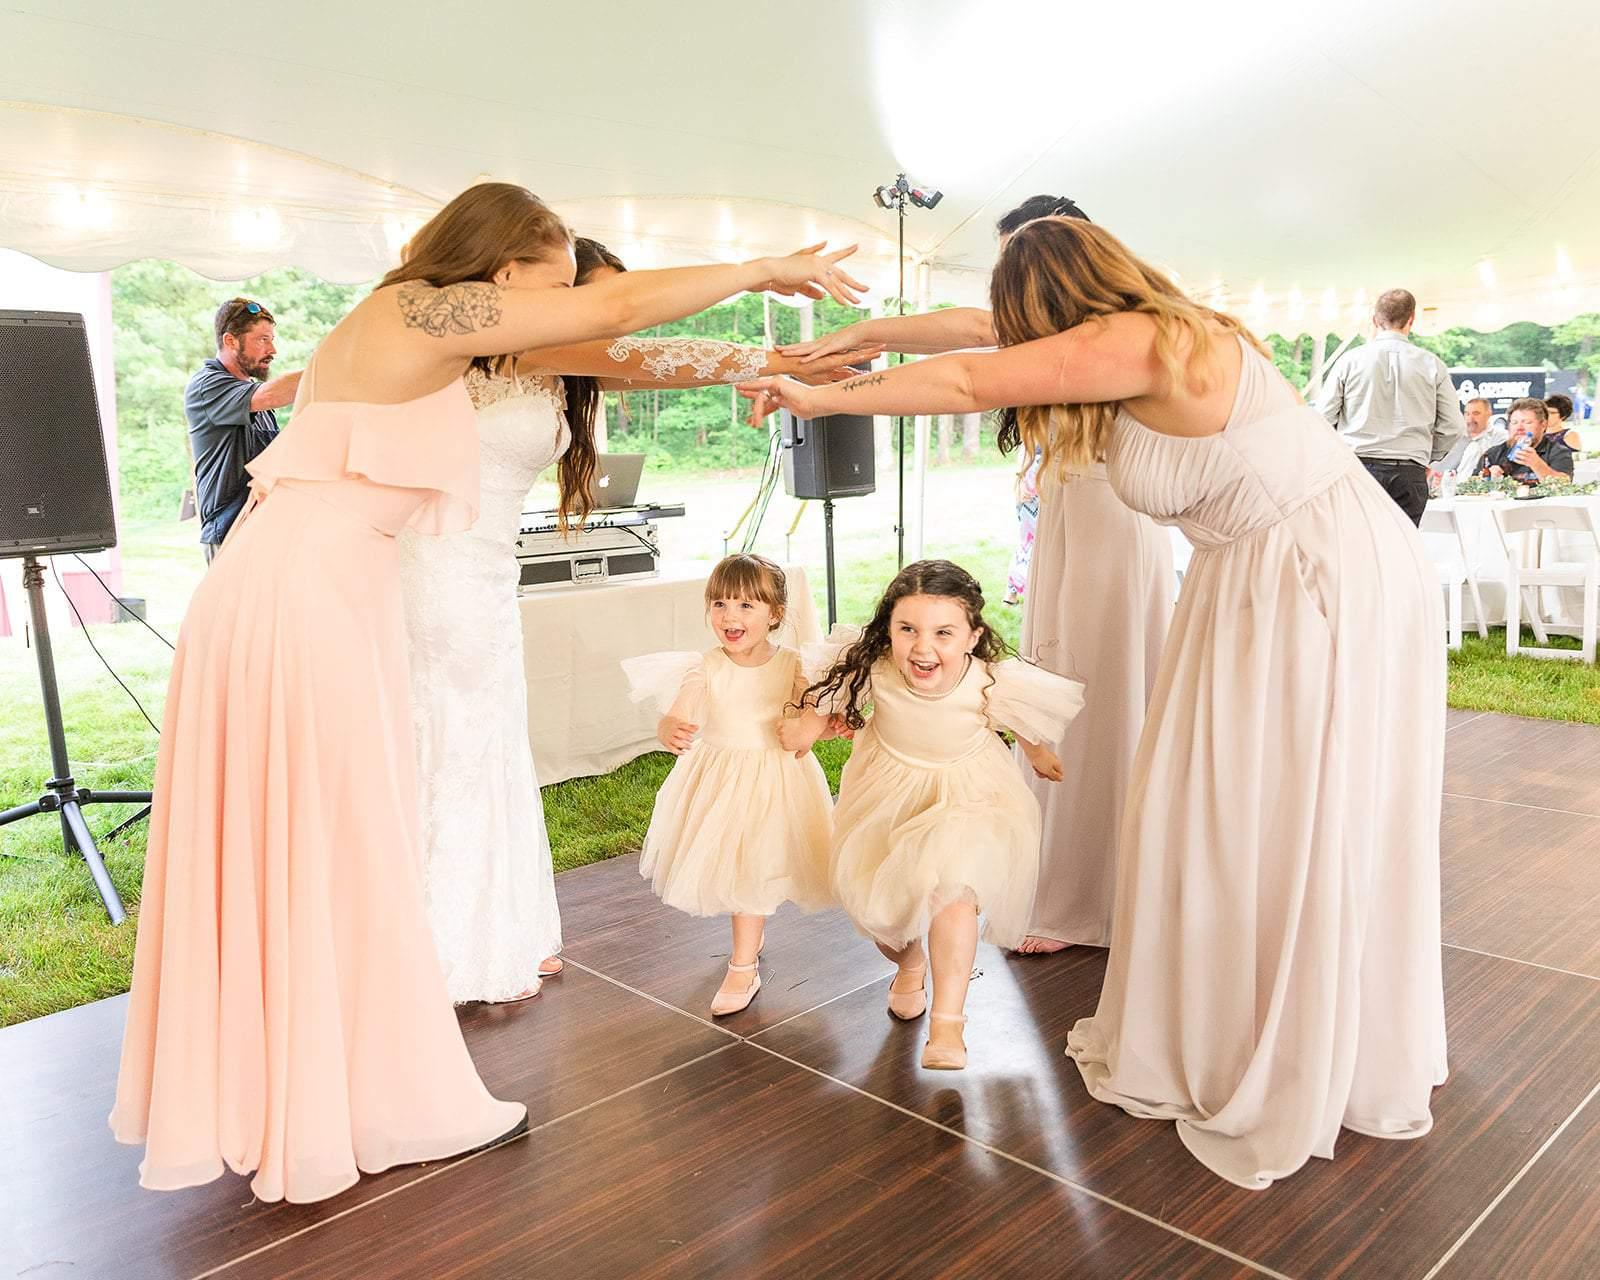 Cute Flower Girls Dancing At An Outdoor Tent Reception